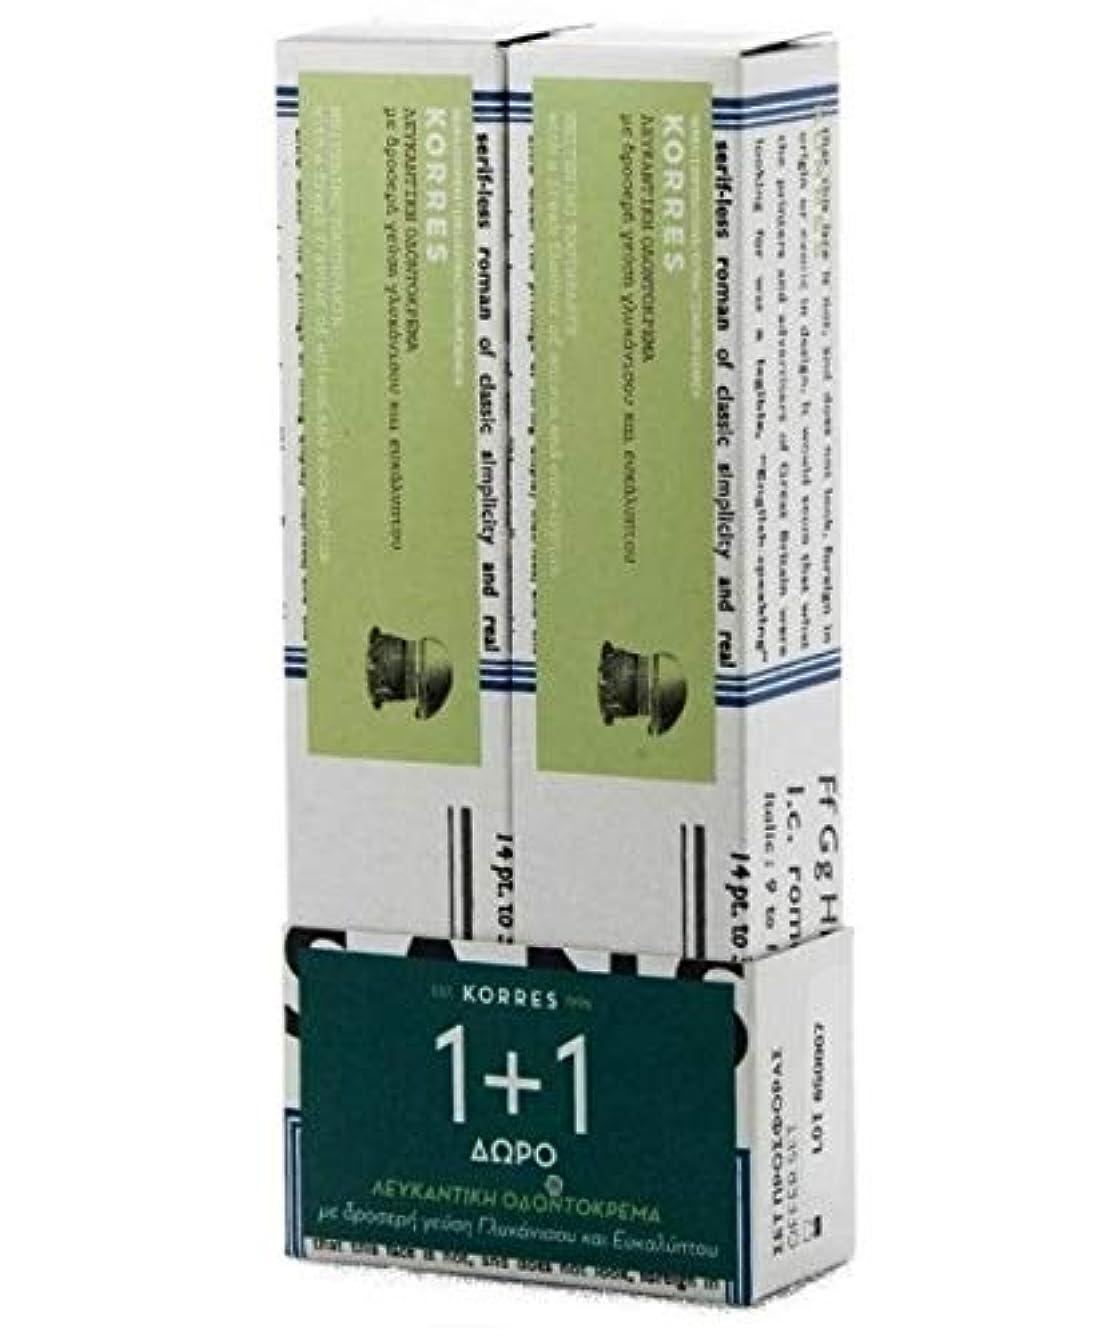 ハーブガラス特異性Korres ホワイトニング歯磨き粉 アニスムとユーカリの風味 1+1 提供